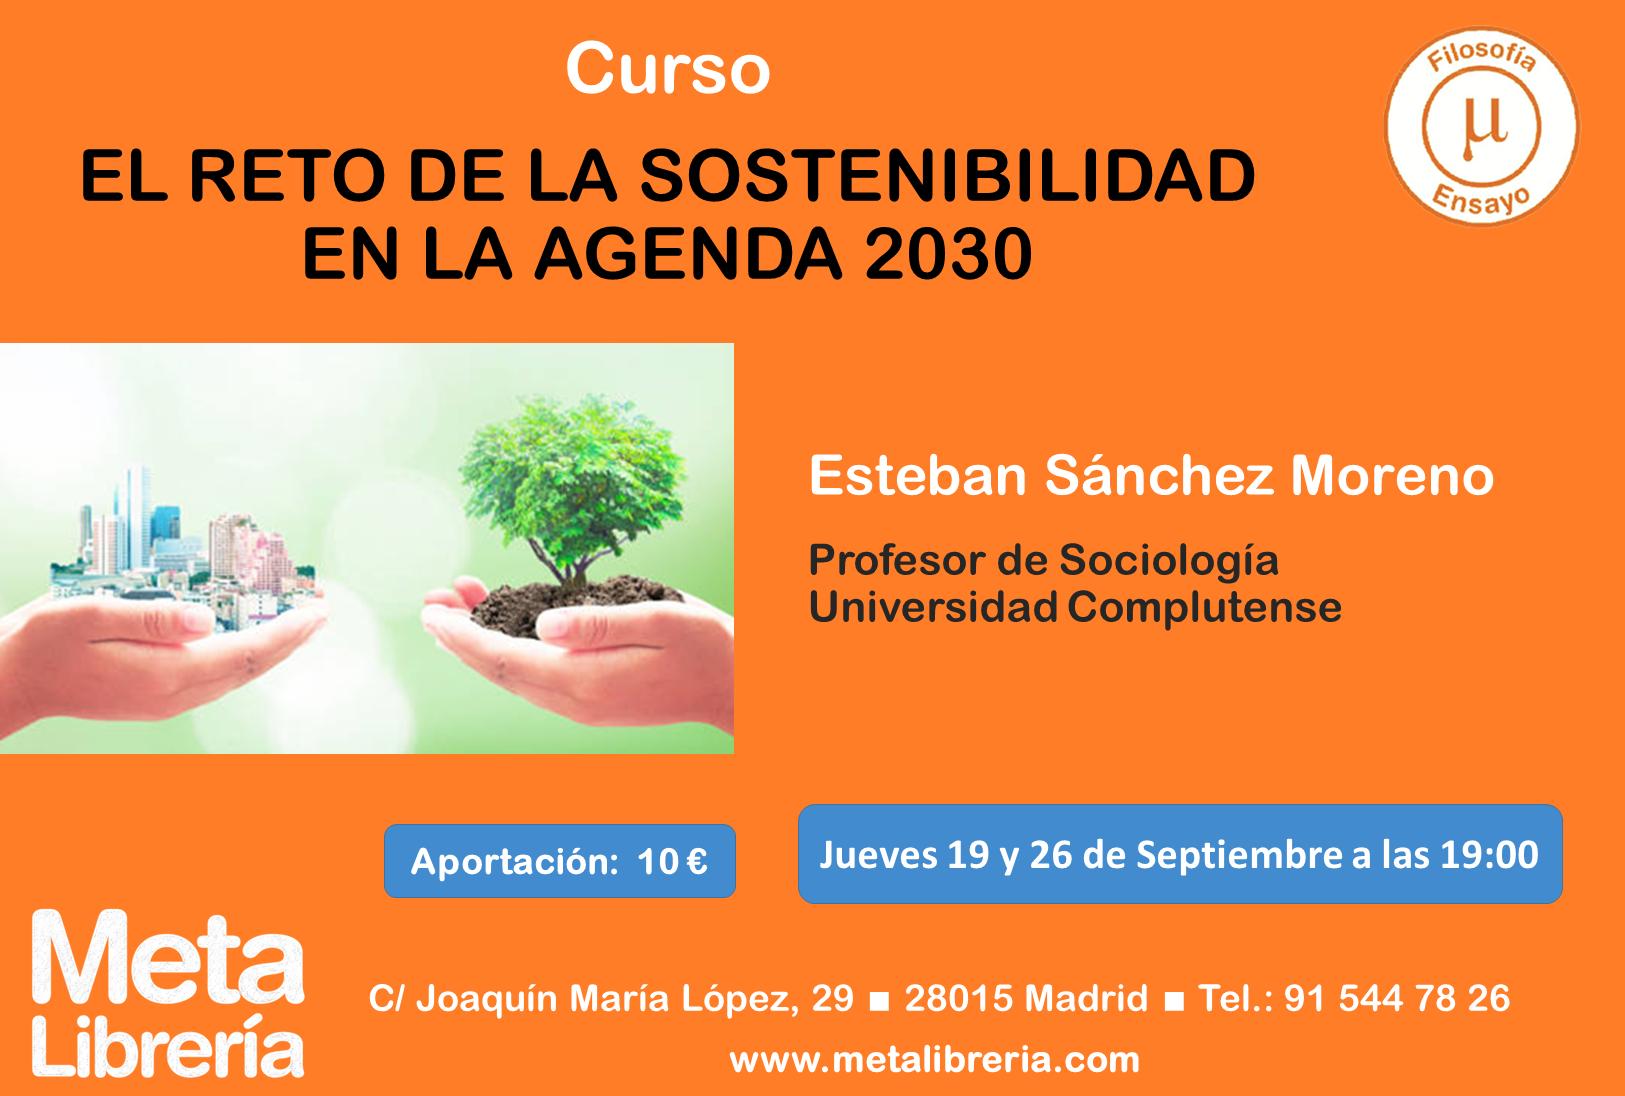 curso Meta Librería sostenibilidad